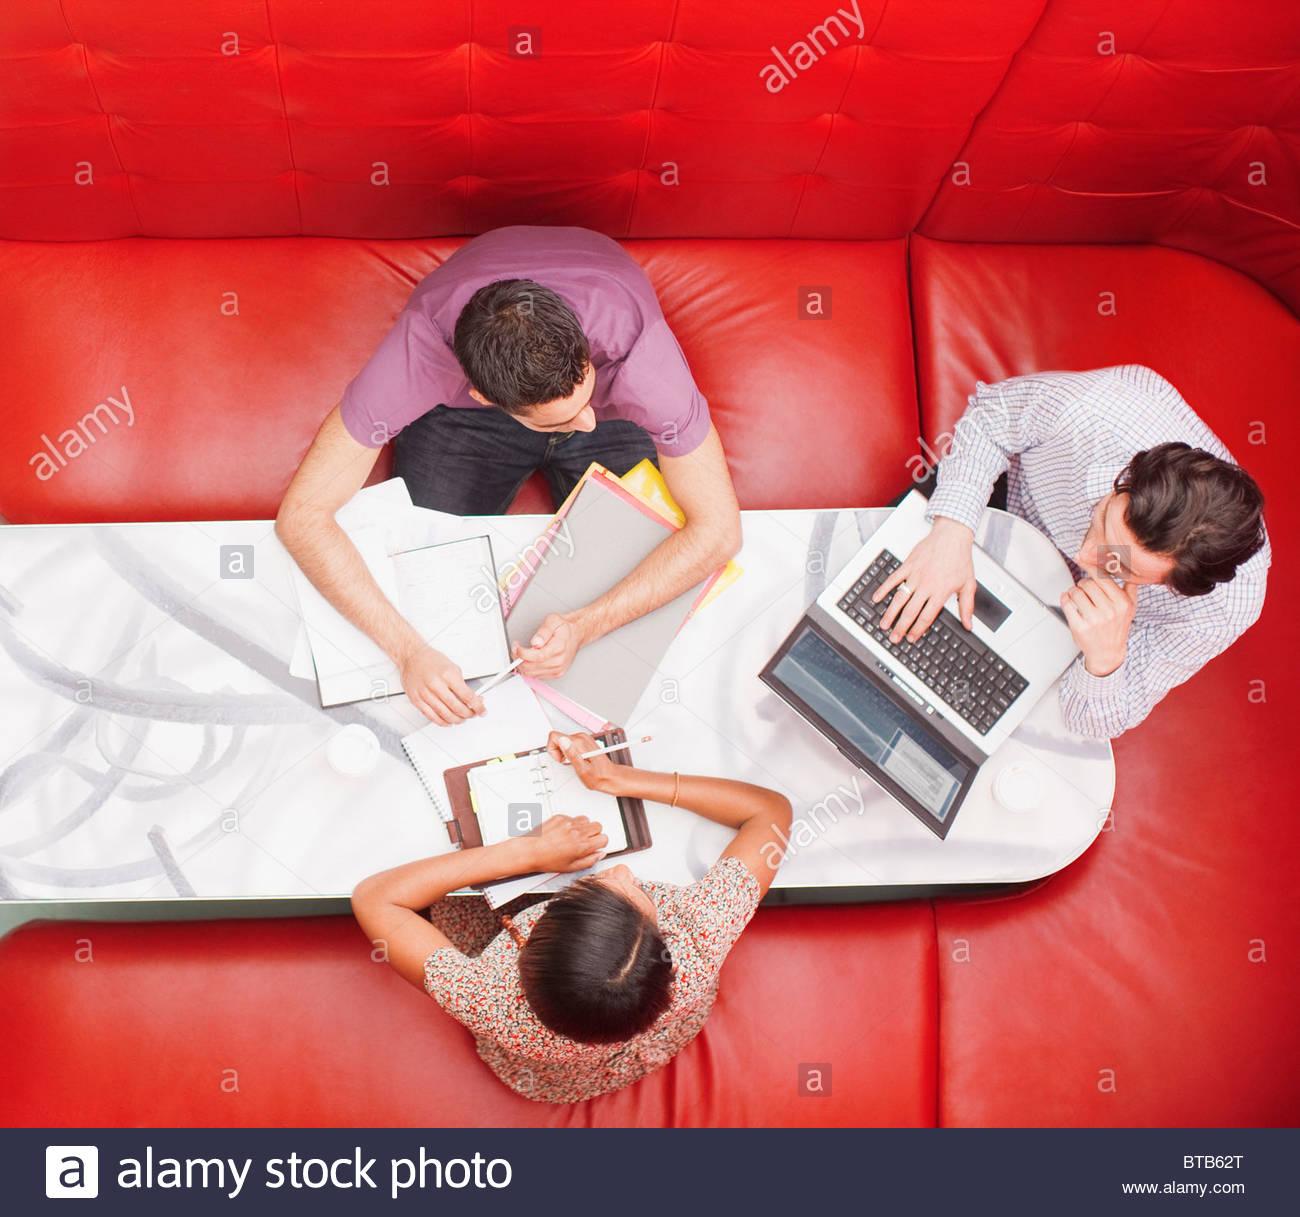 Les gens assis sur le stand d'une réunion Photo Stock